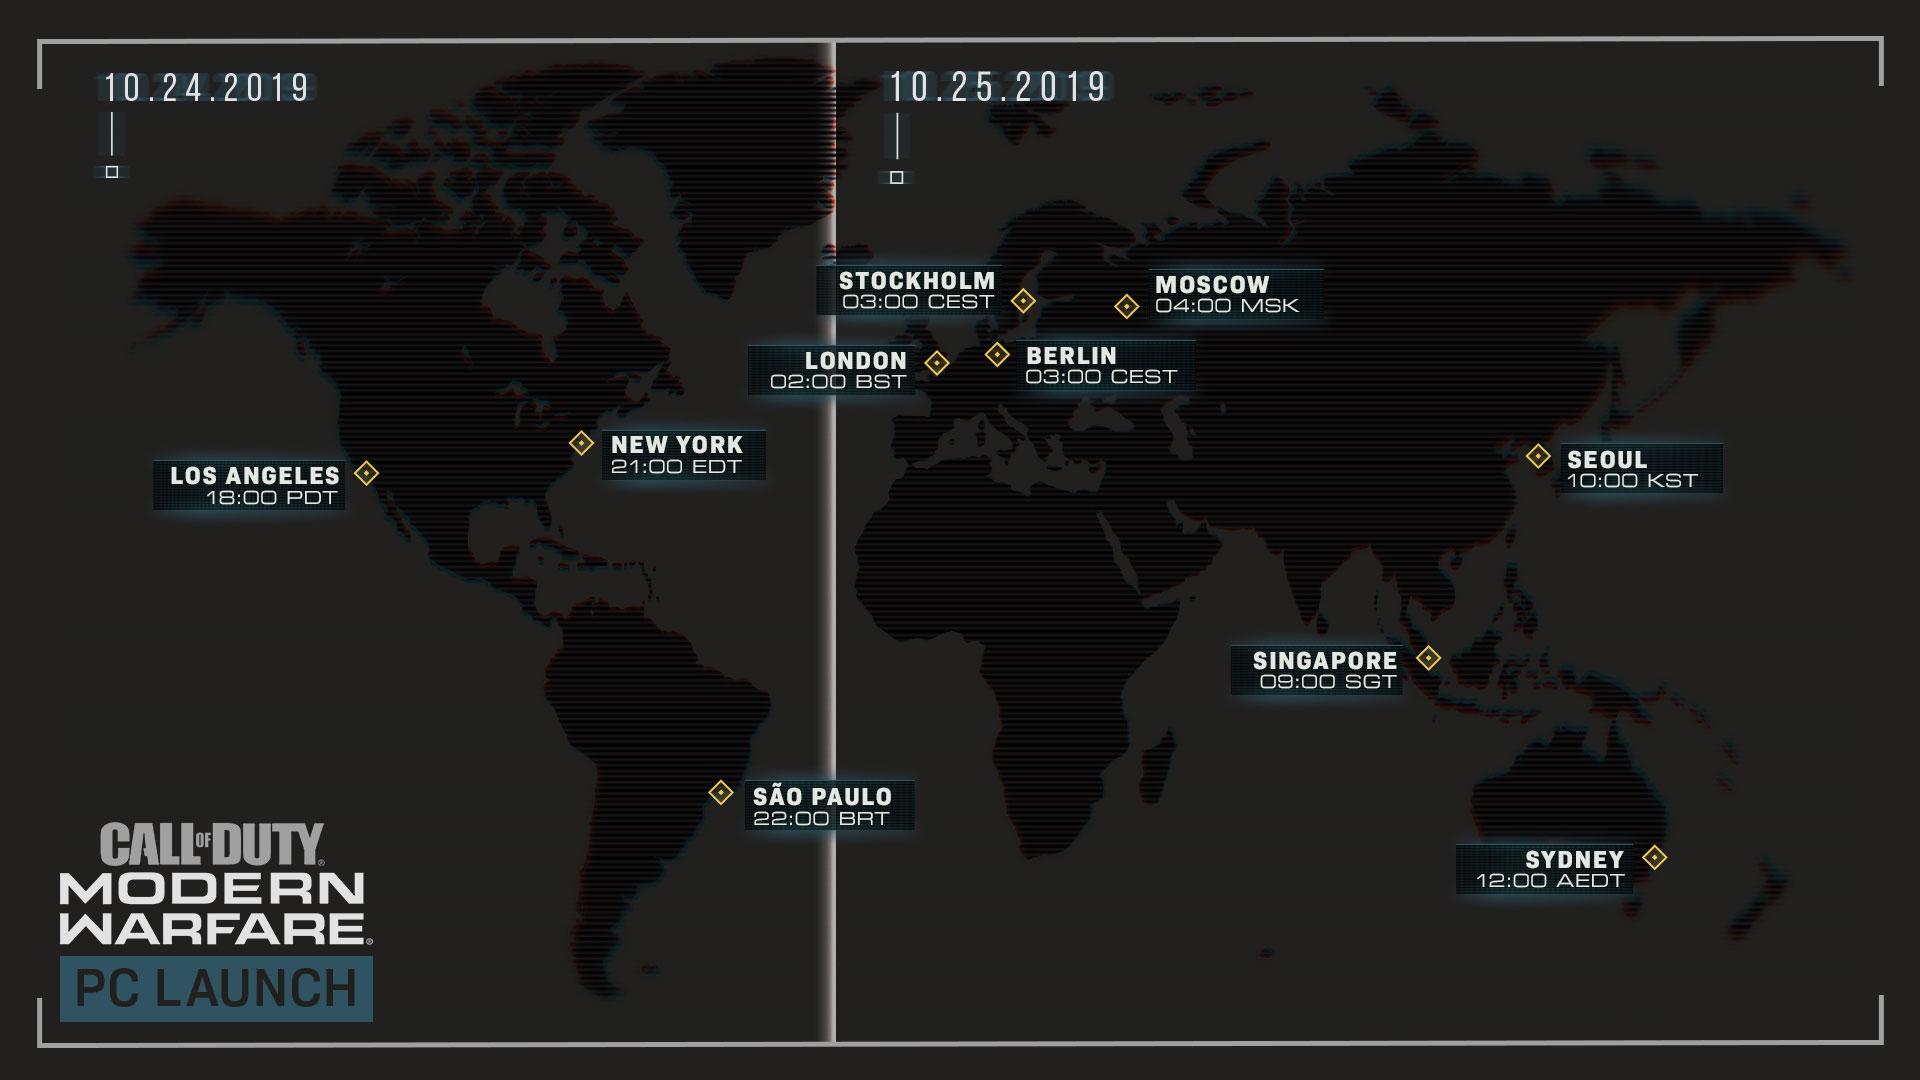 准备开冲 《使命召唤:现代战争》25日解锁时间公布!